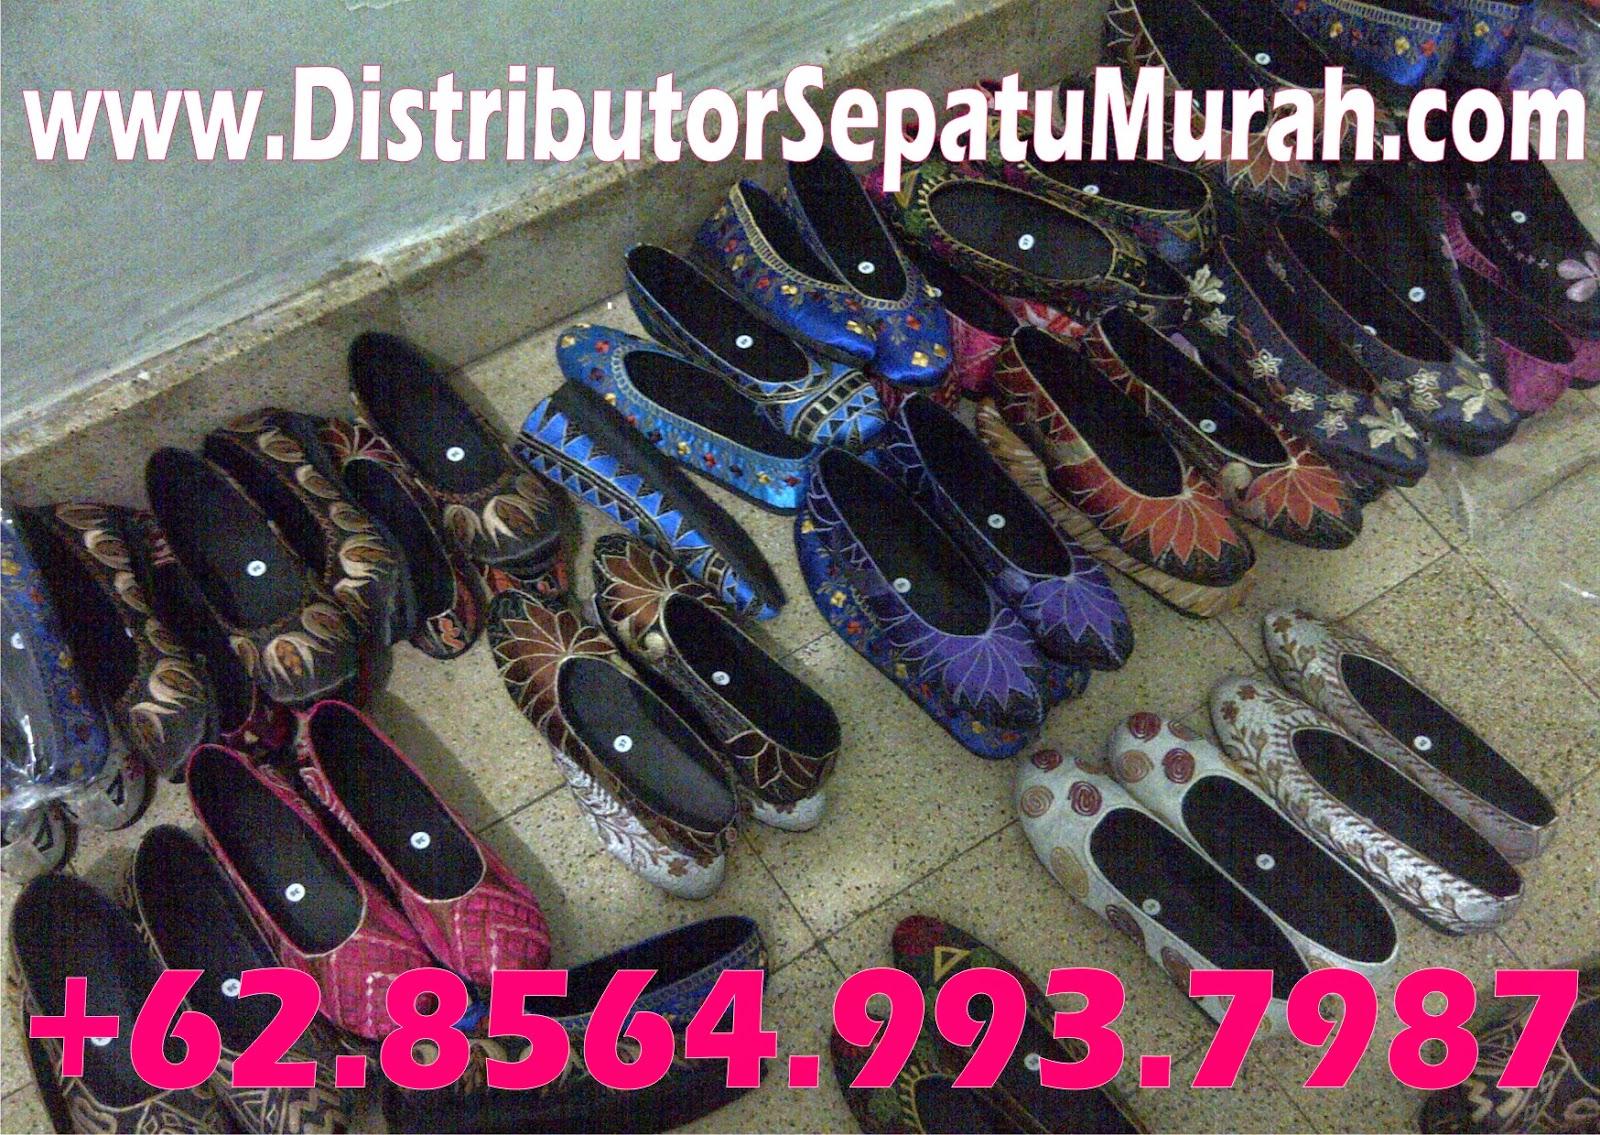 Sepatu Wanita Murah Online, Sepatu Online Wanita, Jual Sepatu Wanita Online, www.distributorsepatumurah.com